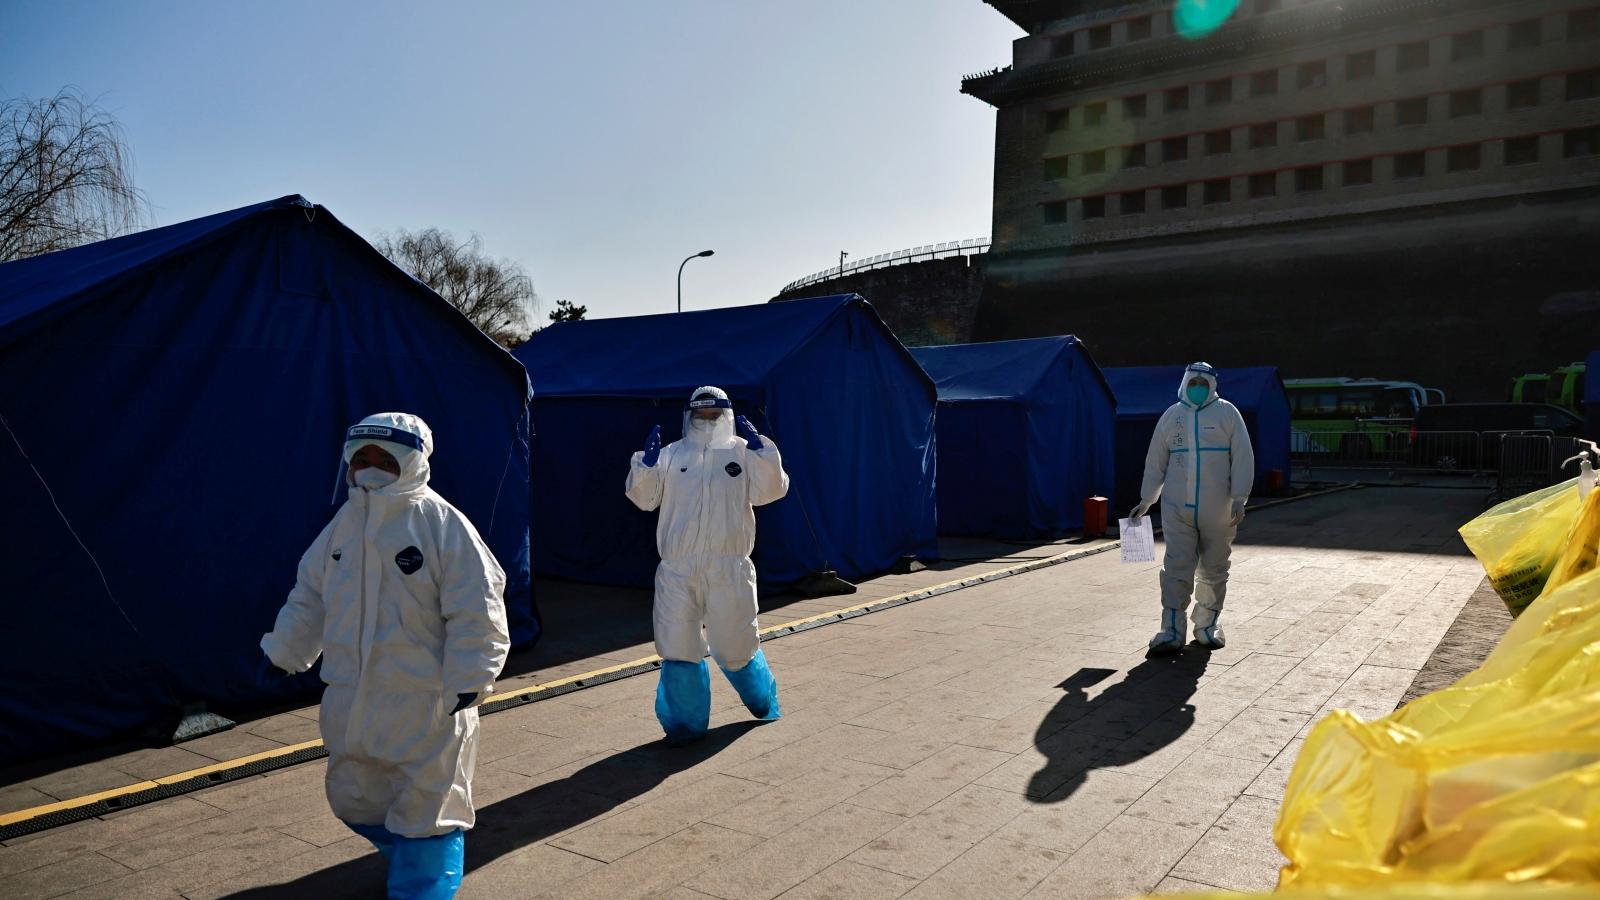 Trung Quốc siết chặt quản lý người vào thủ đô Bắc Kinh để kiểm soát Covid-19